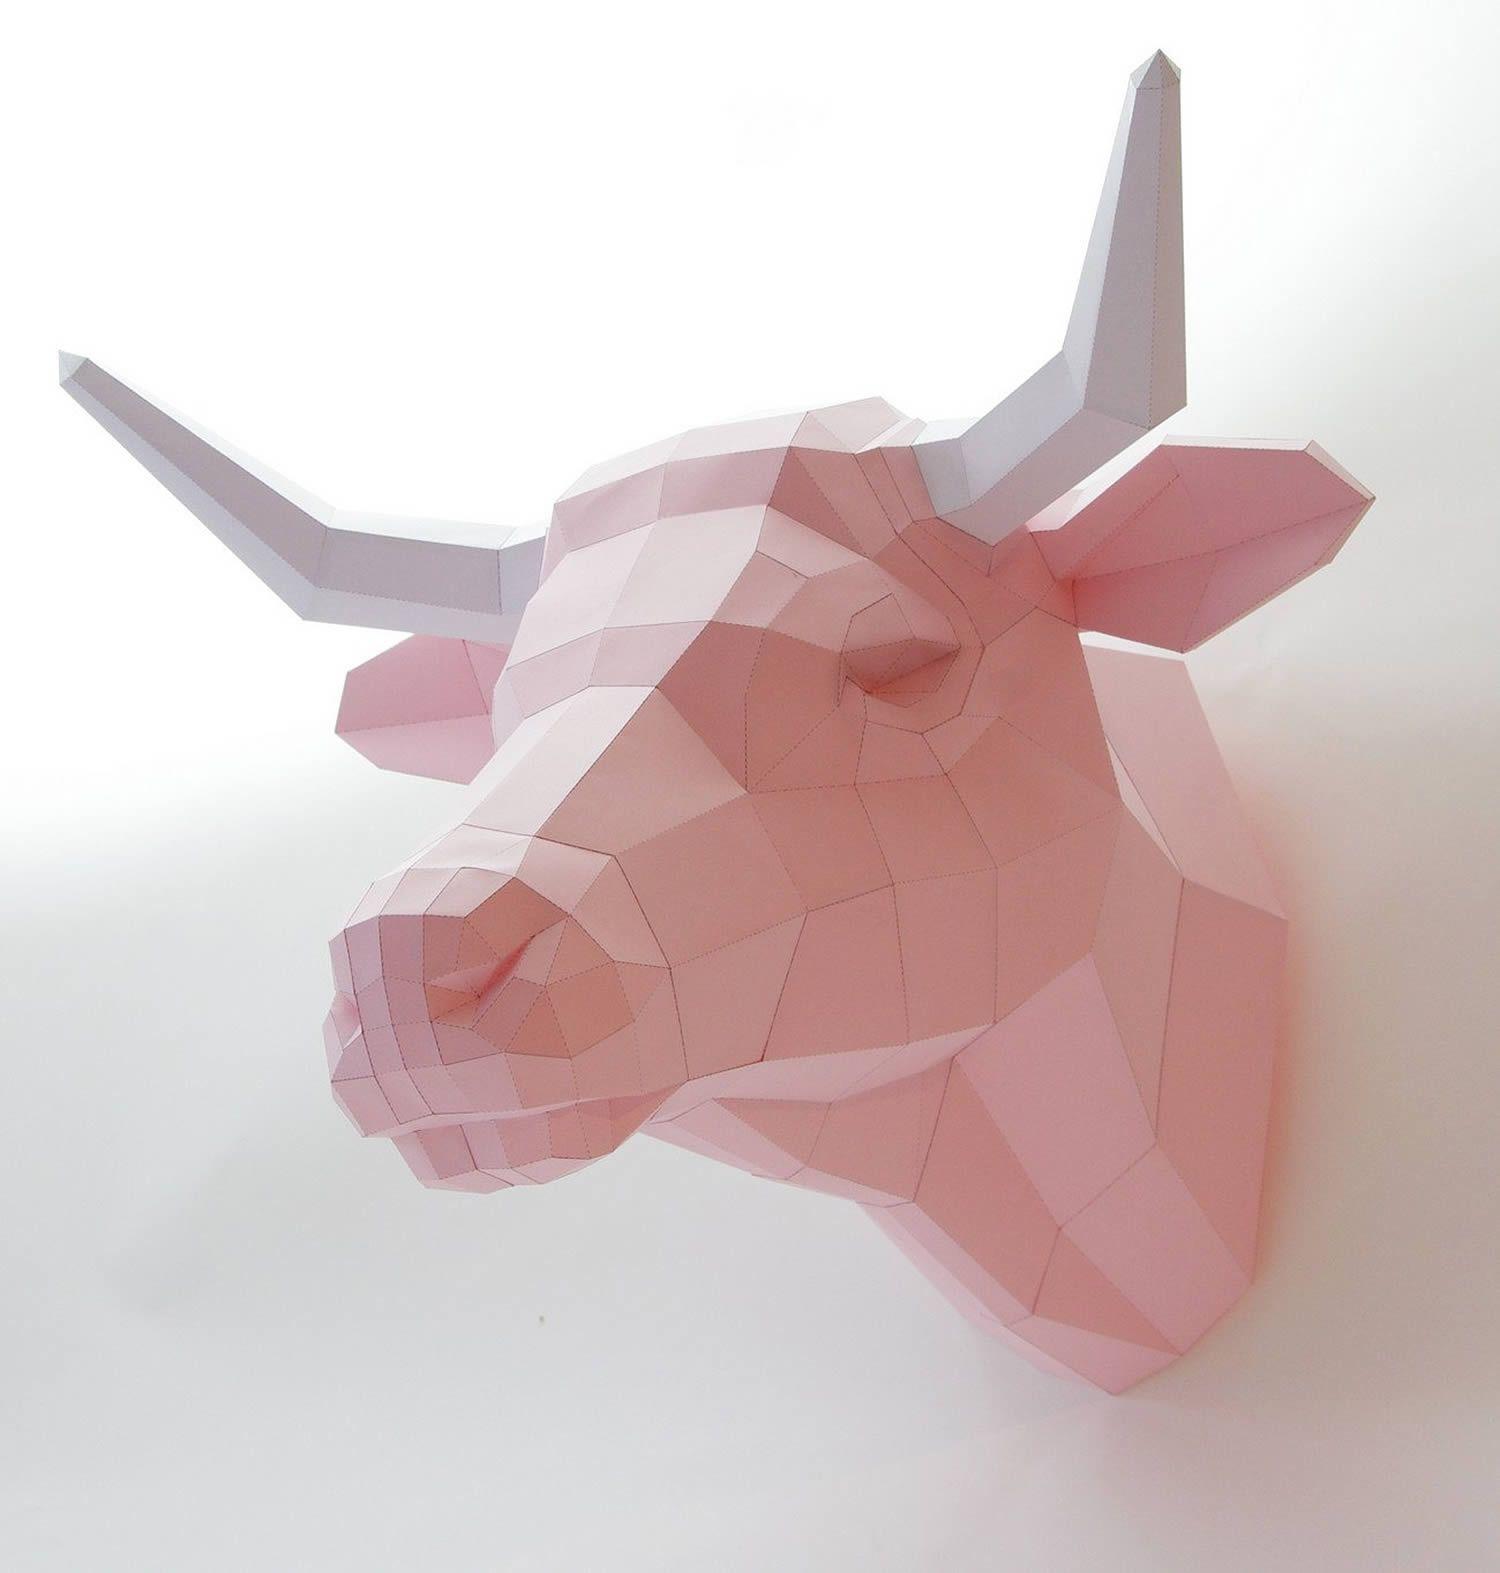 Extrêmement Cute Paper Animals | Animaux en papier, Vache et Origami BO51